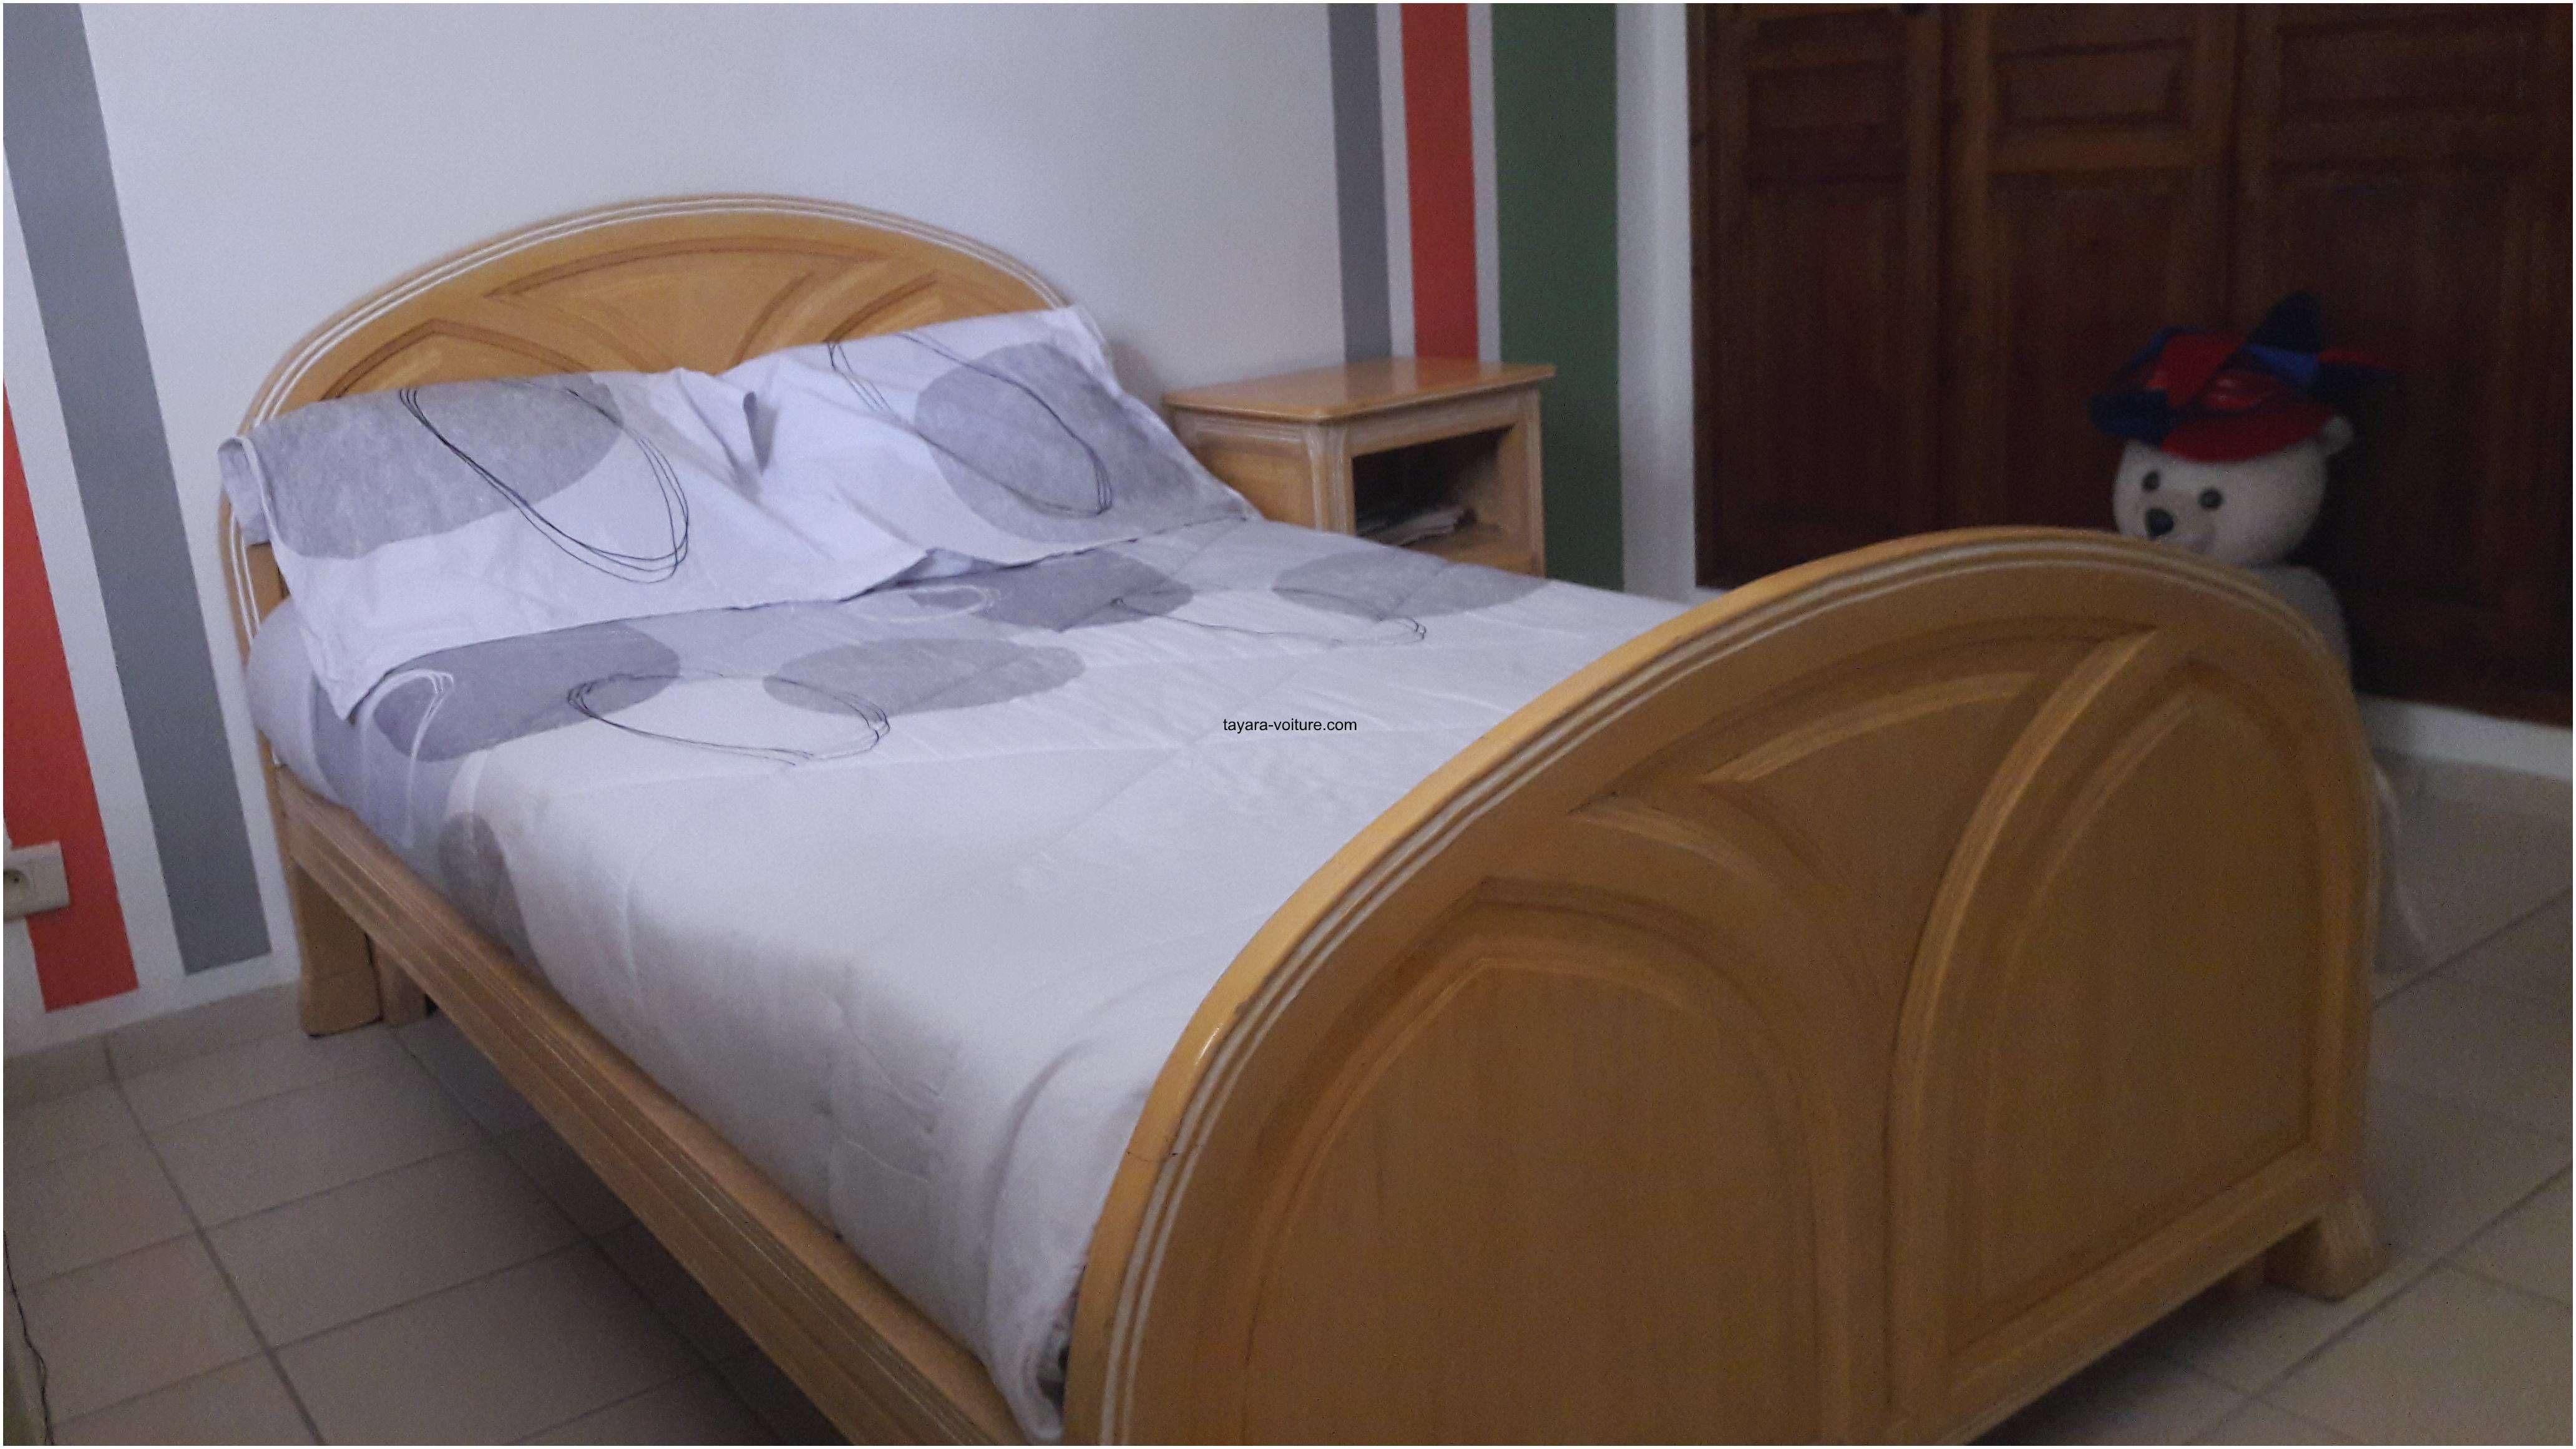 Canape Lit Alinea Beau Impressionnant Chambre A Coucher Ikea Banquette Lit Bz Génial Bz